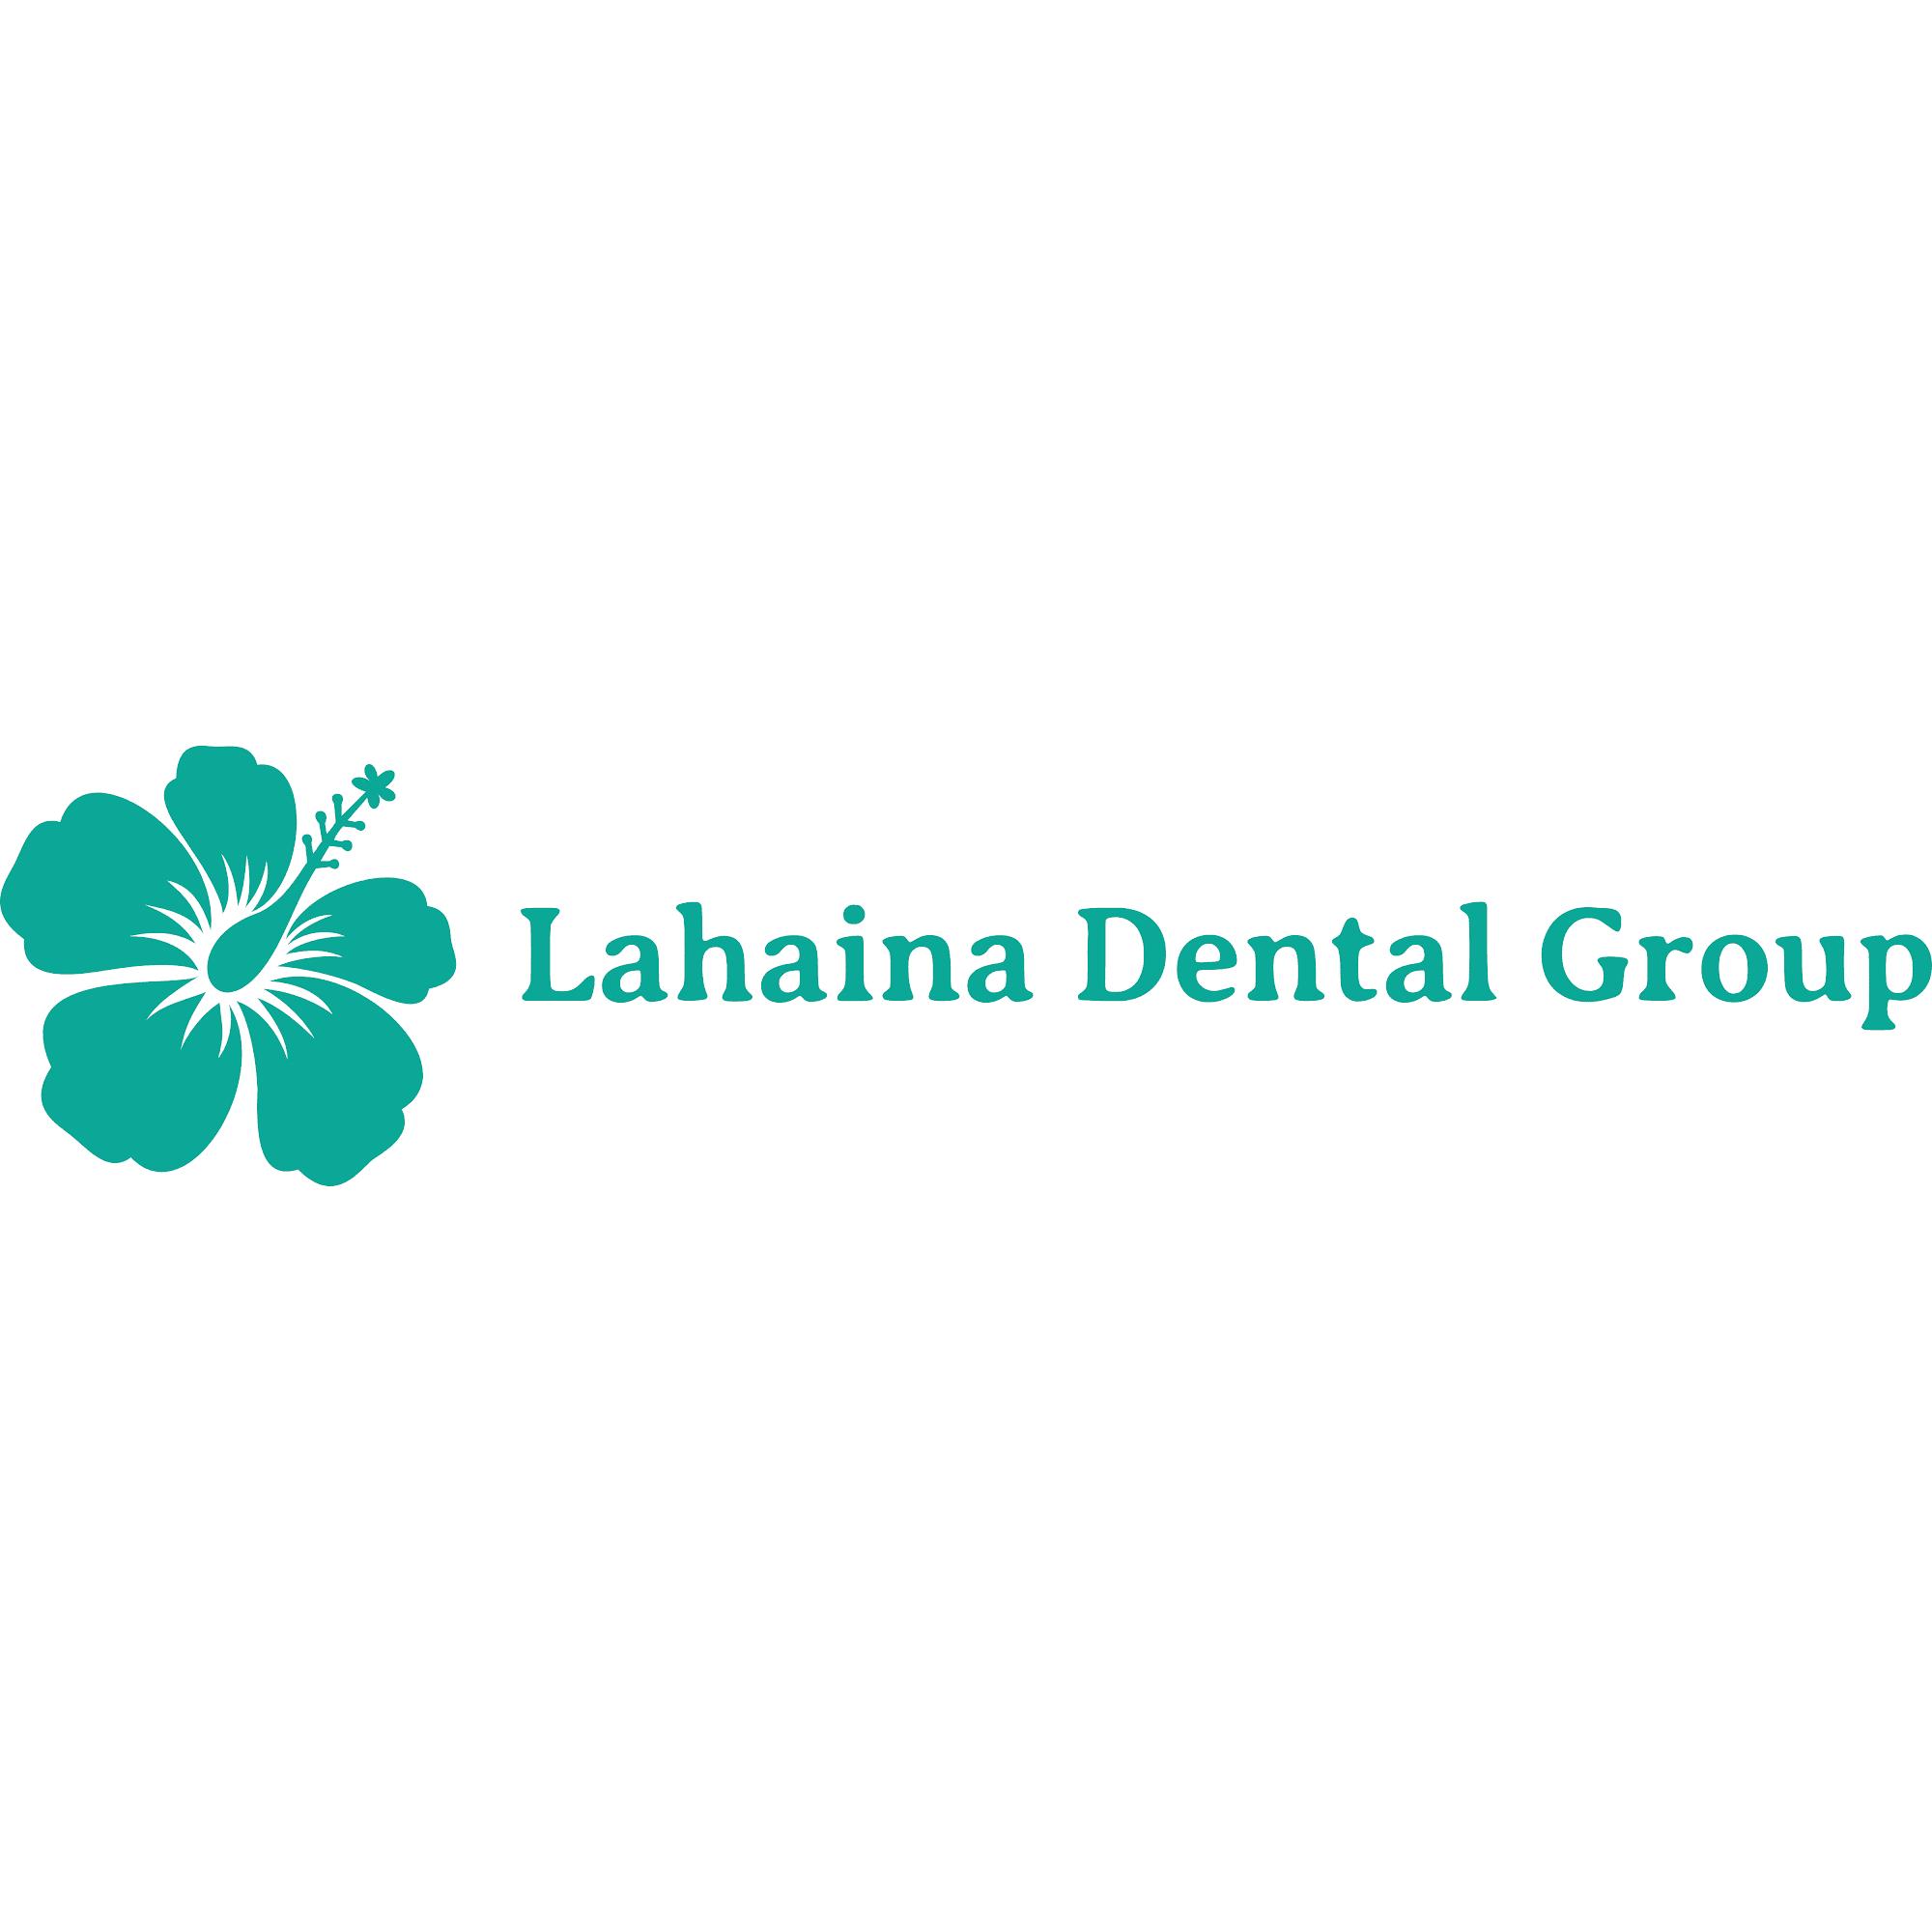 Lahaina Dental Group 845 Waine`e St Suite 206, Lahaina